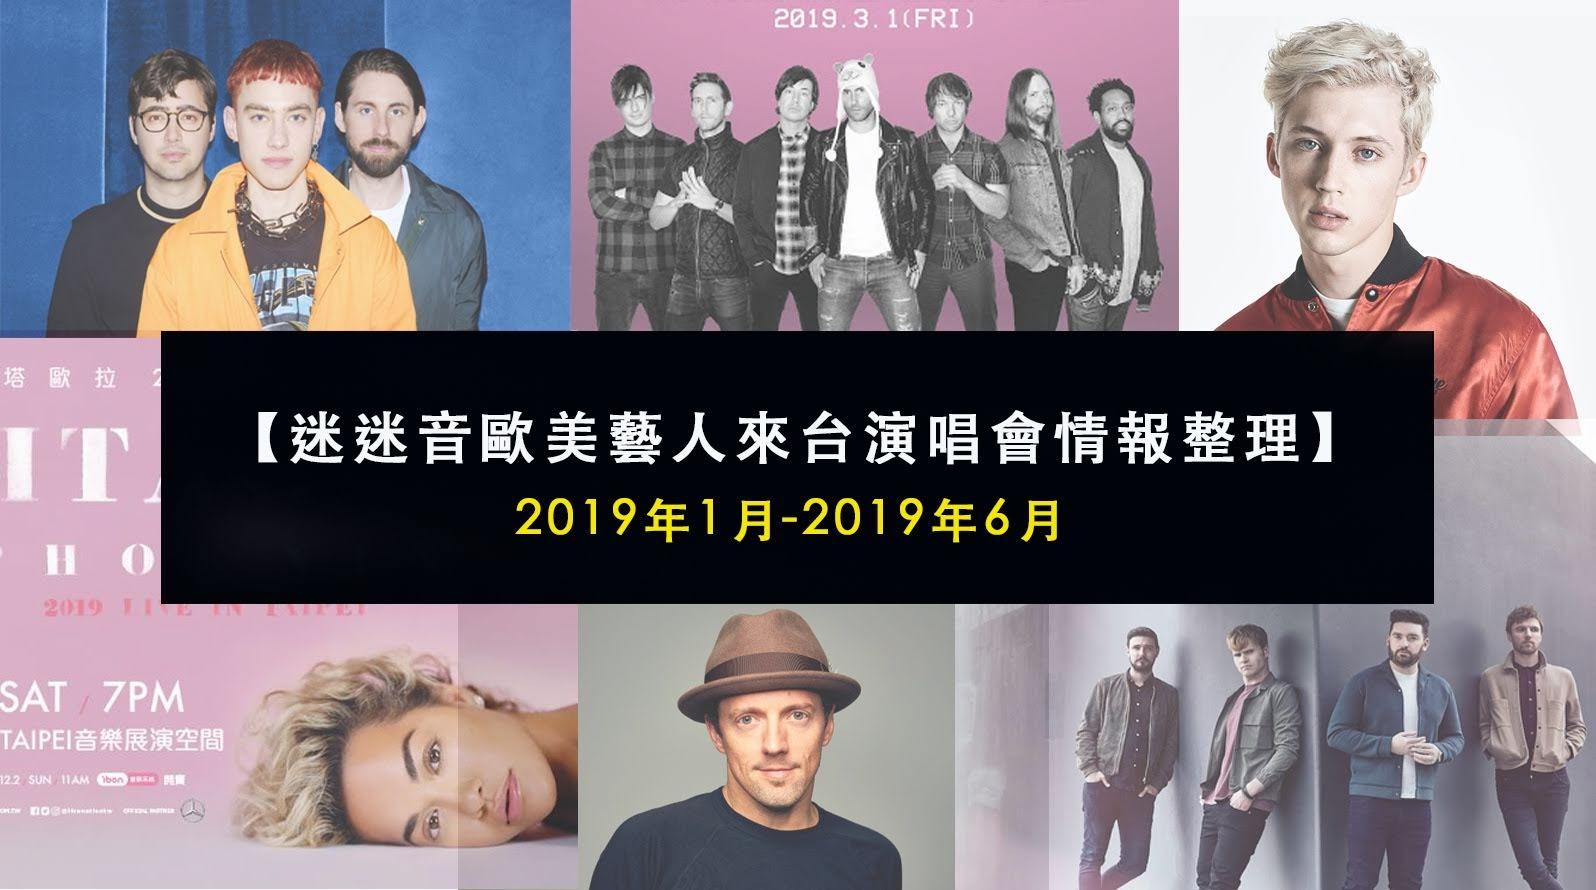 【迷迷音歐美藝人來台演唱會情報整理】2019年1月-2019年6月